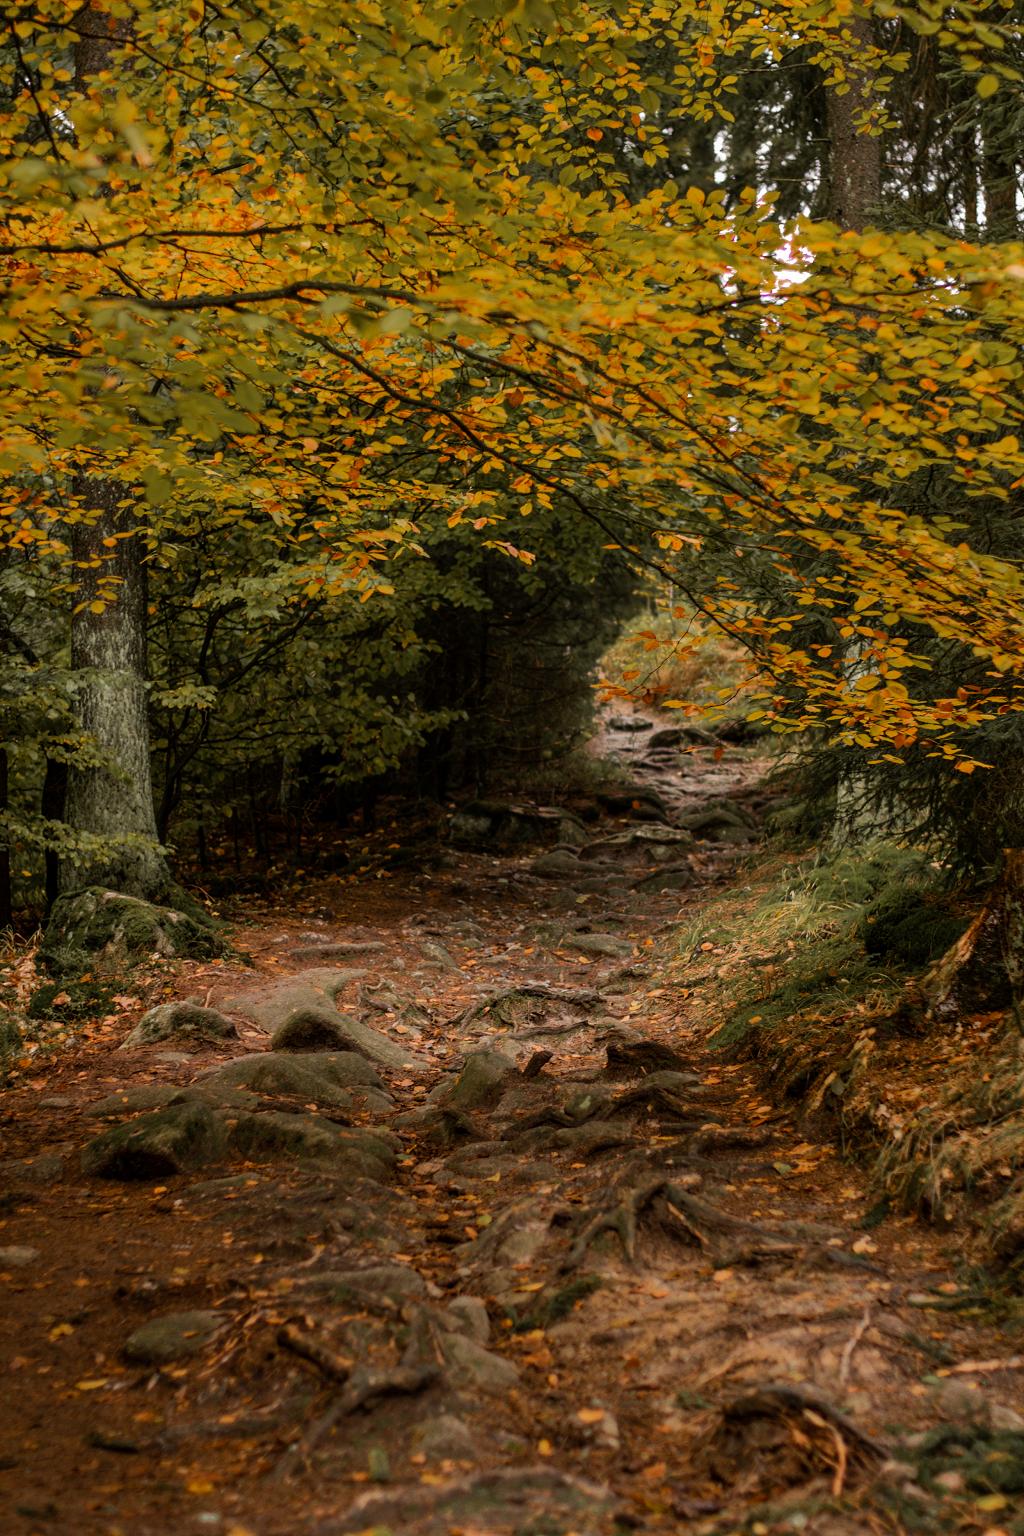 Weg durch den Wald im Herbst